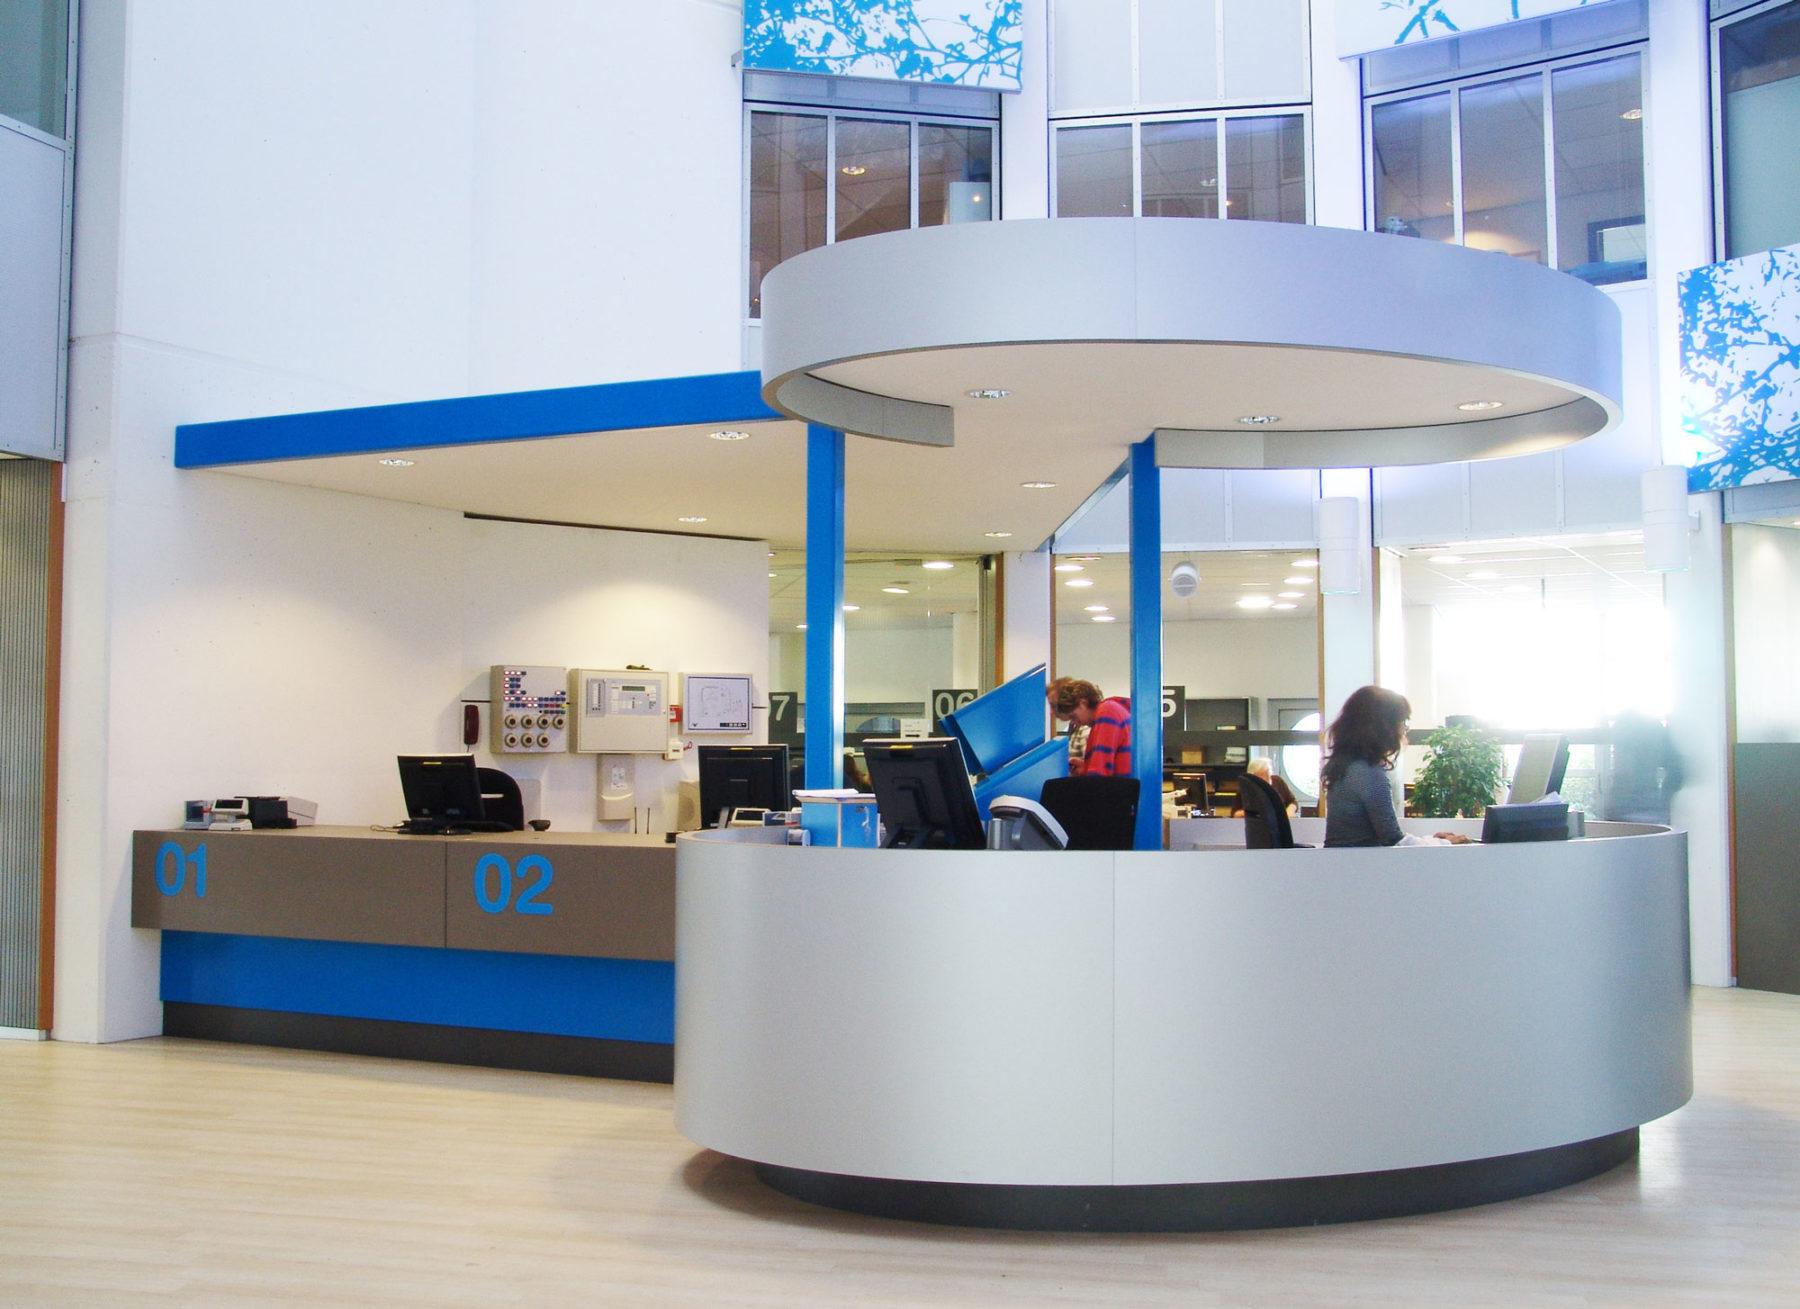 Publieksruimte gemeente Delft, ontwerp Jan Stigt